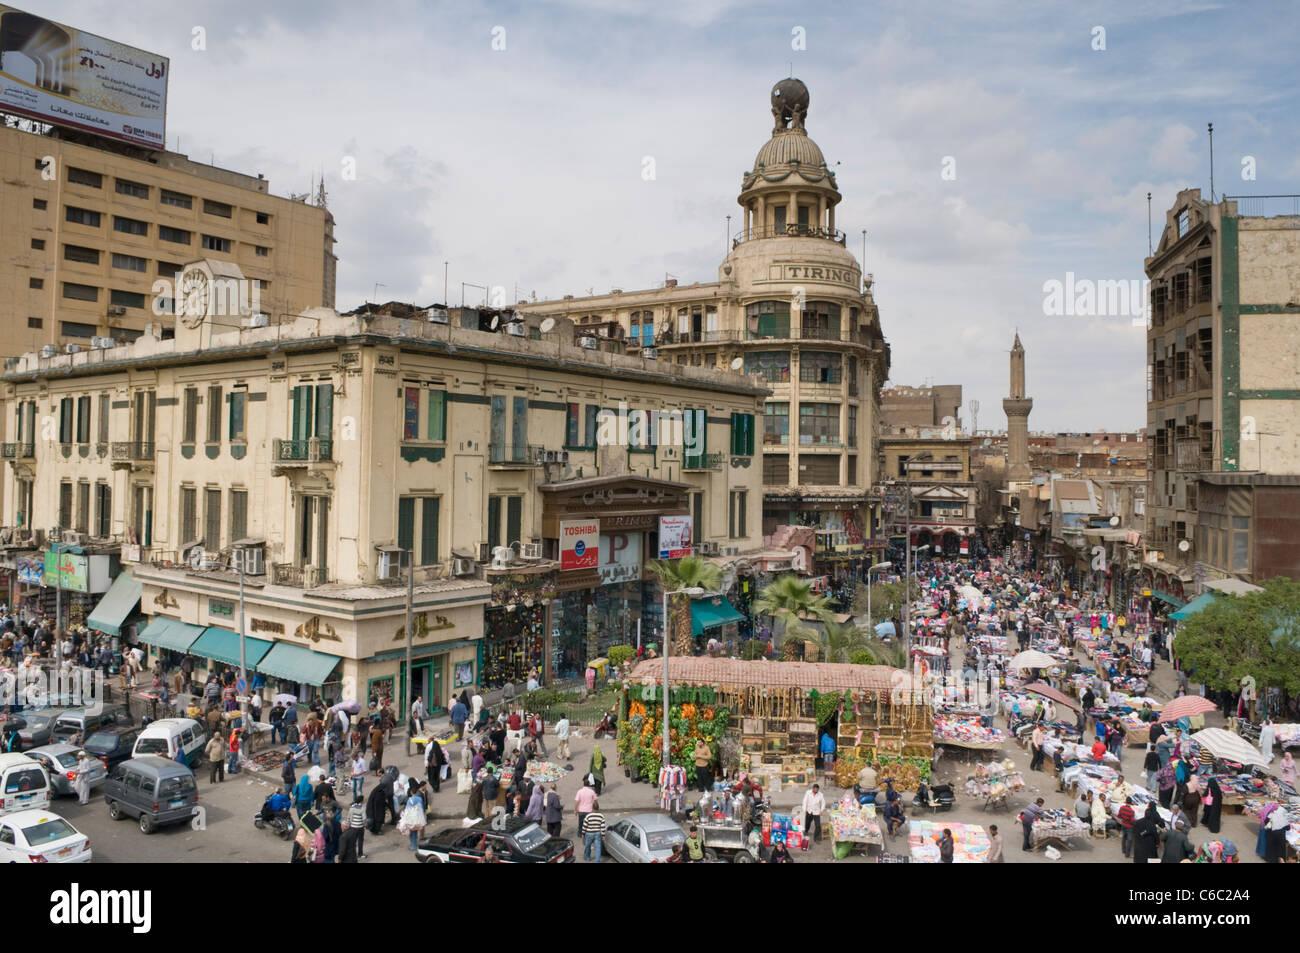 Vista aérea de un barrio típico zoco de El Cairo Egipto Imagen De Stock